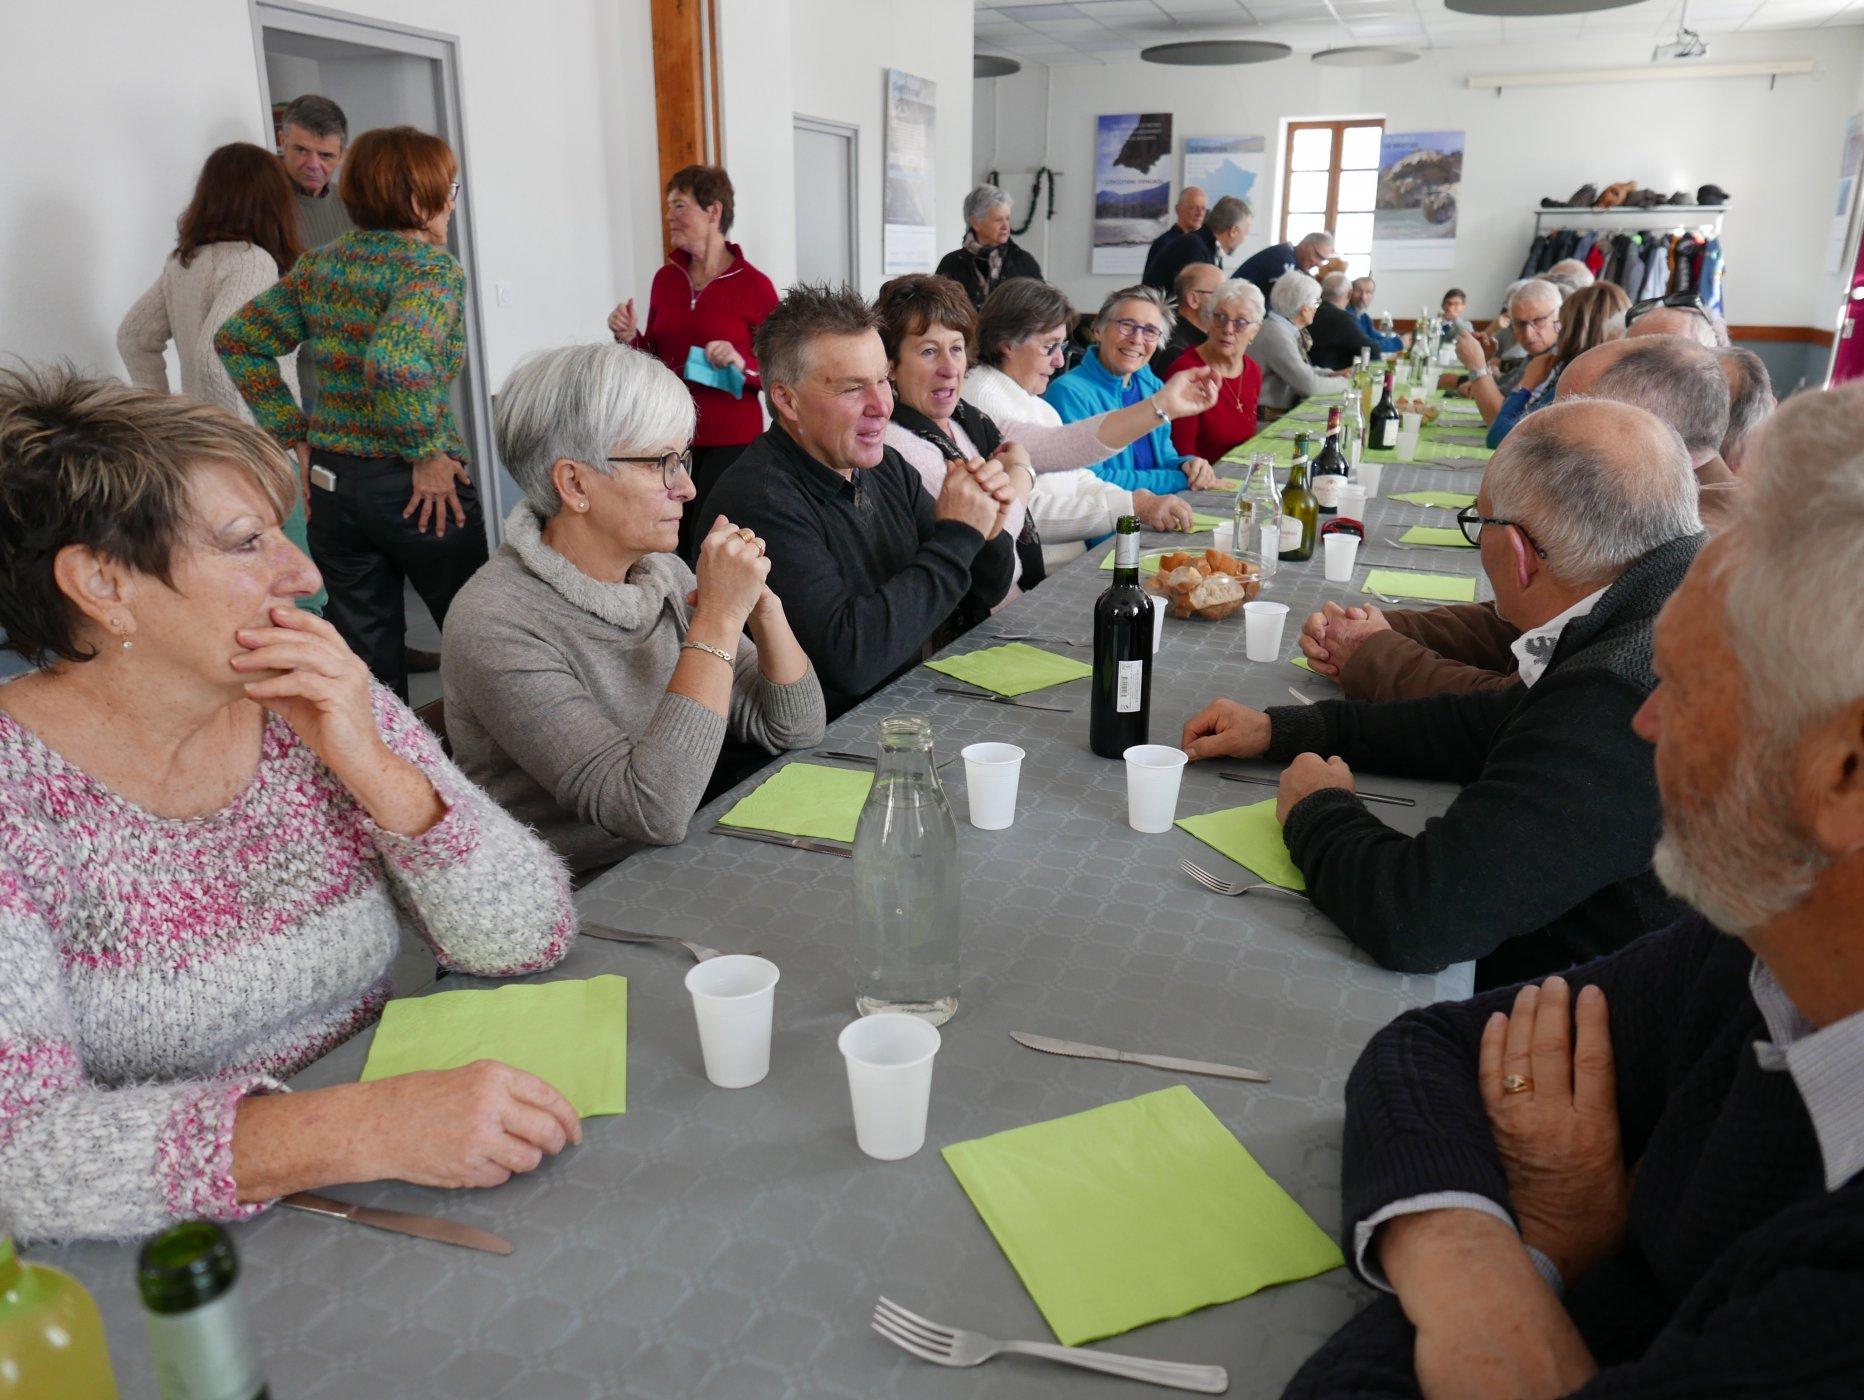 La Saint-Blaise, une fête patronale qui donne l'occasion de se retrouver entre Roteïrolles et habitants du Guillestrois.